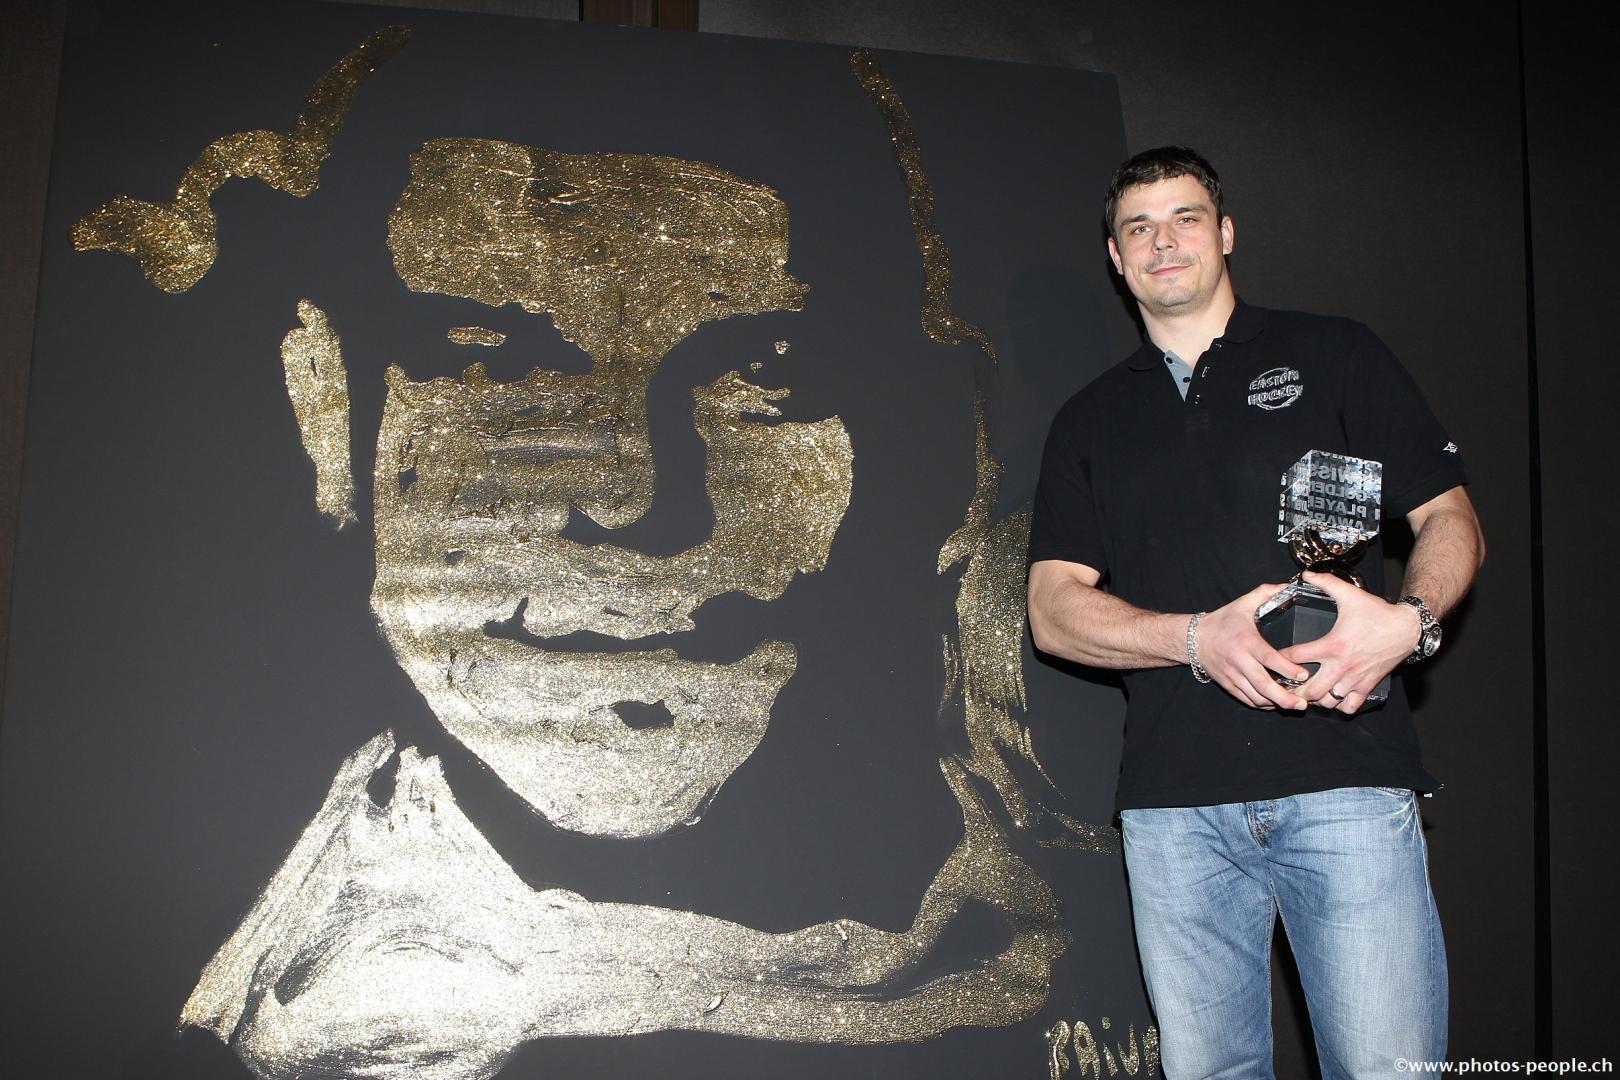 Swiss Golden Player Award 2011